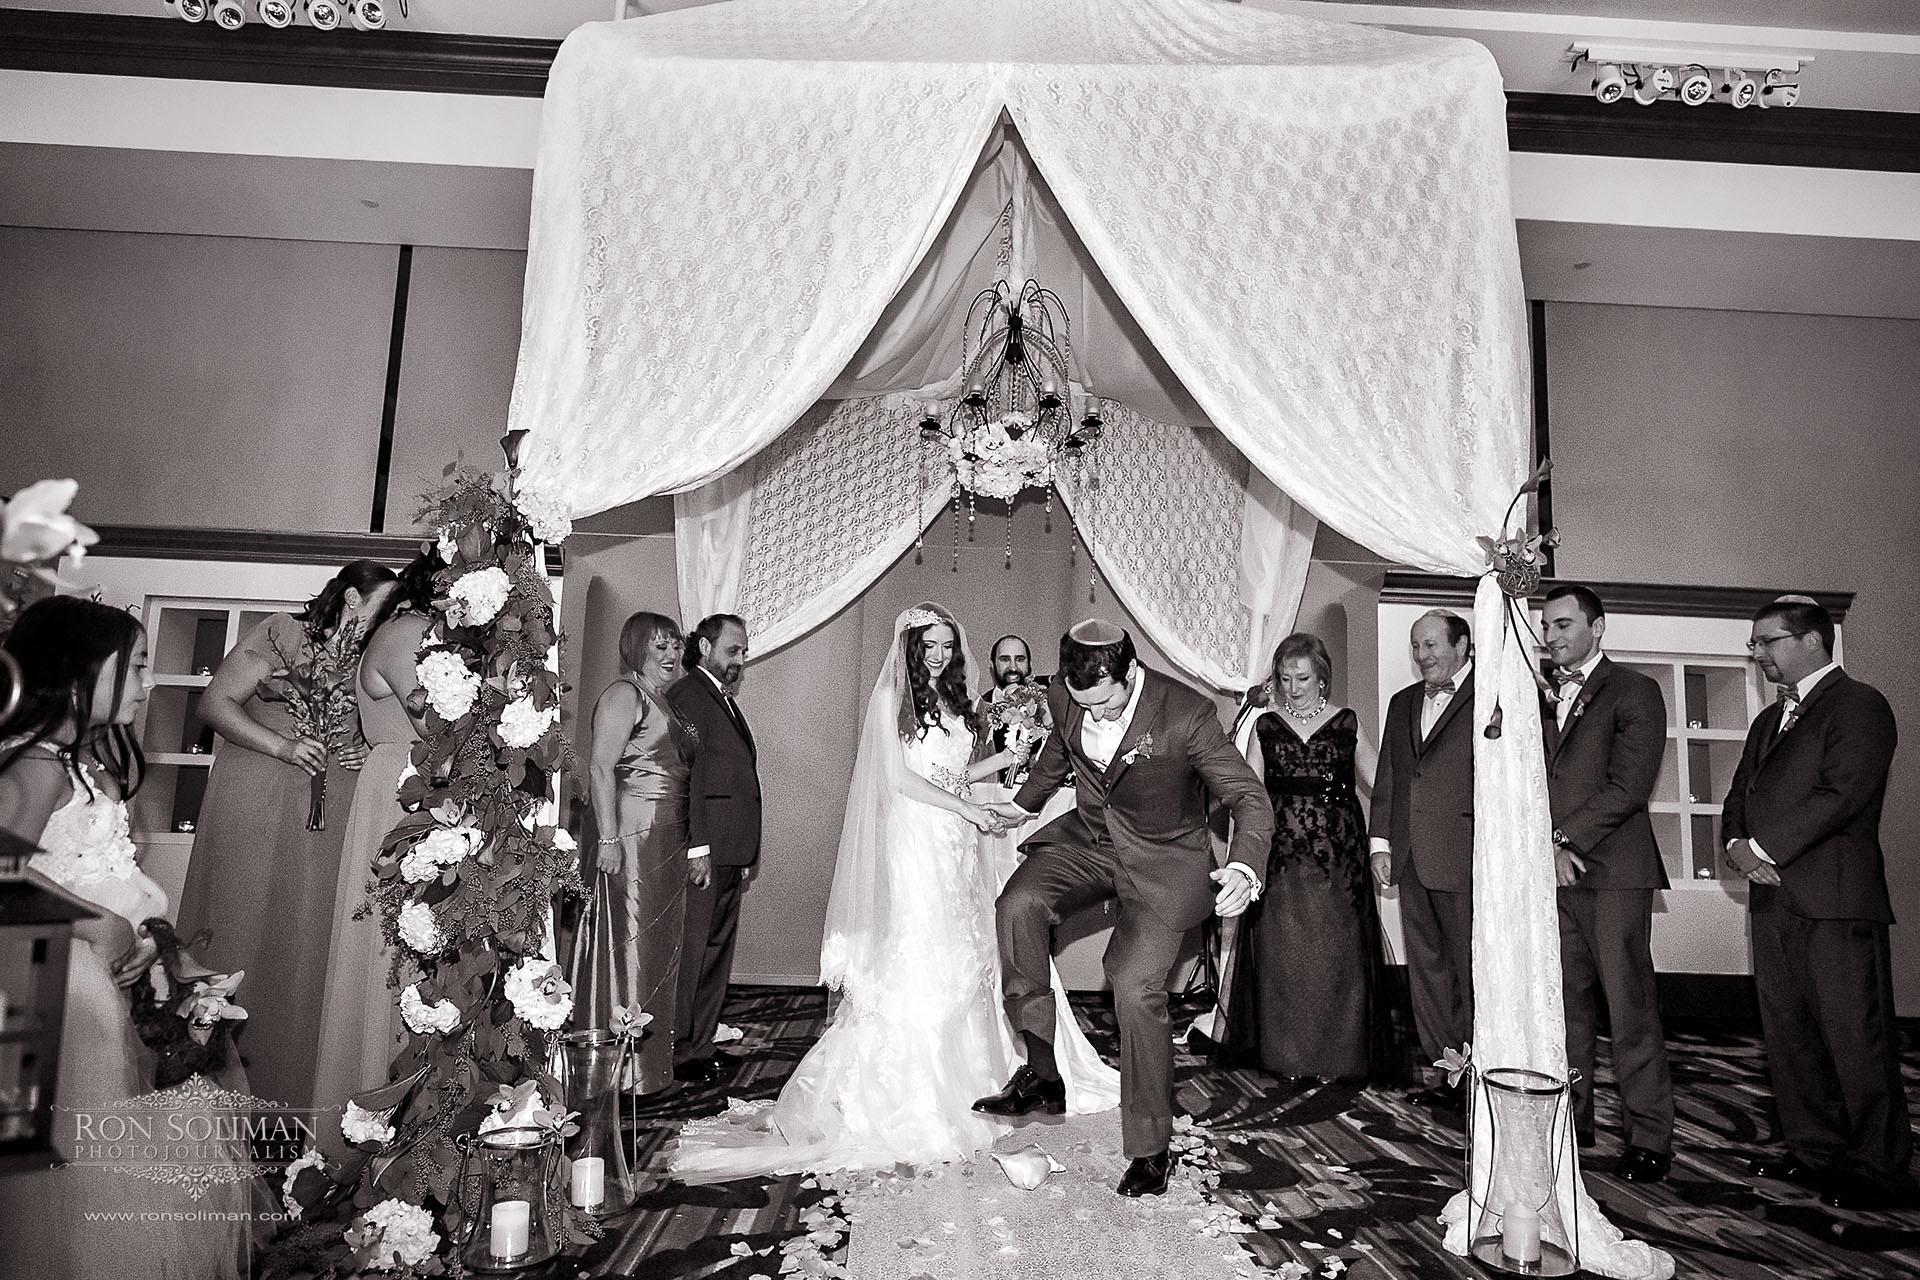 JEWISH WEDDING AT VIE